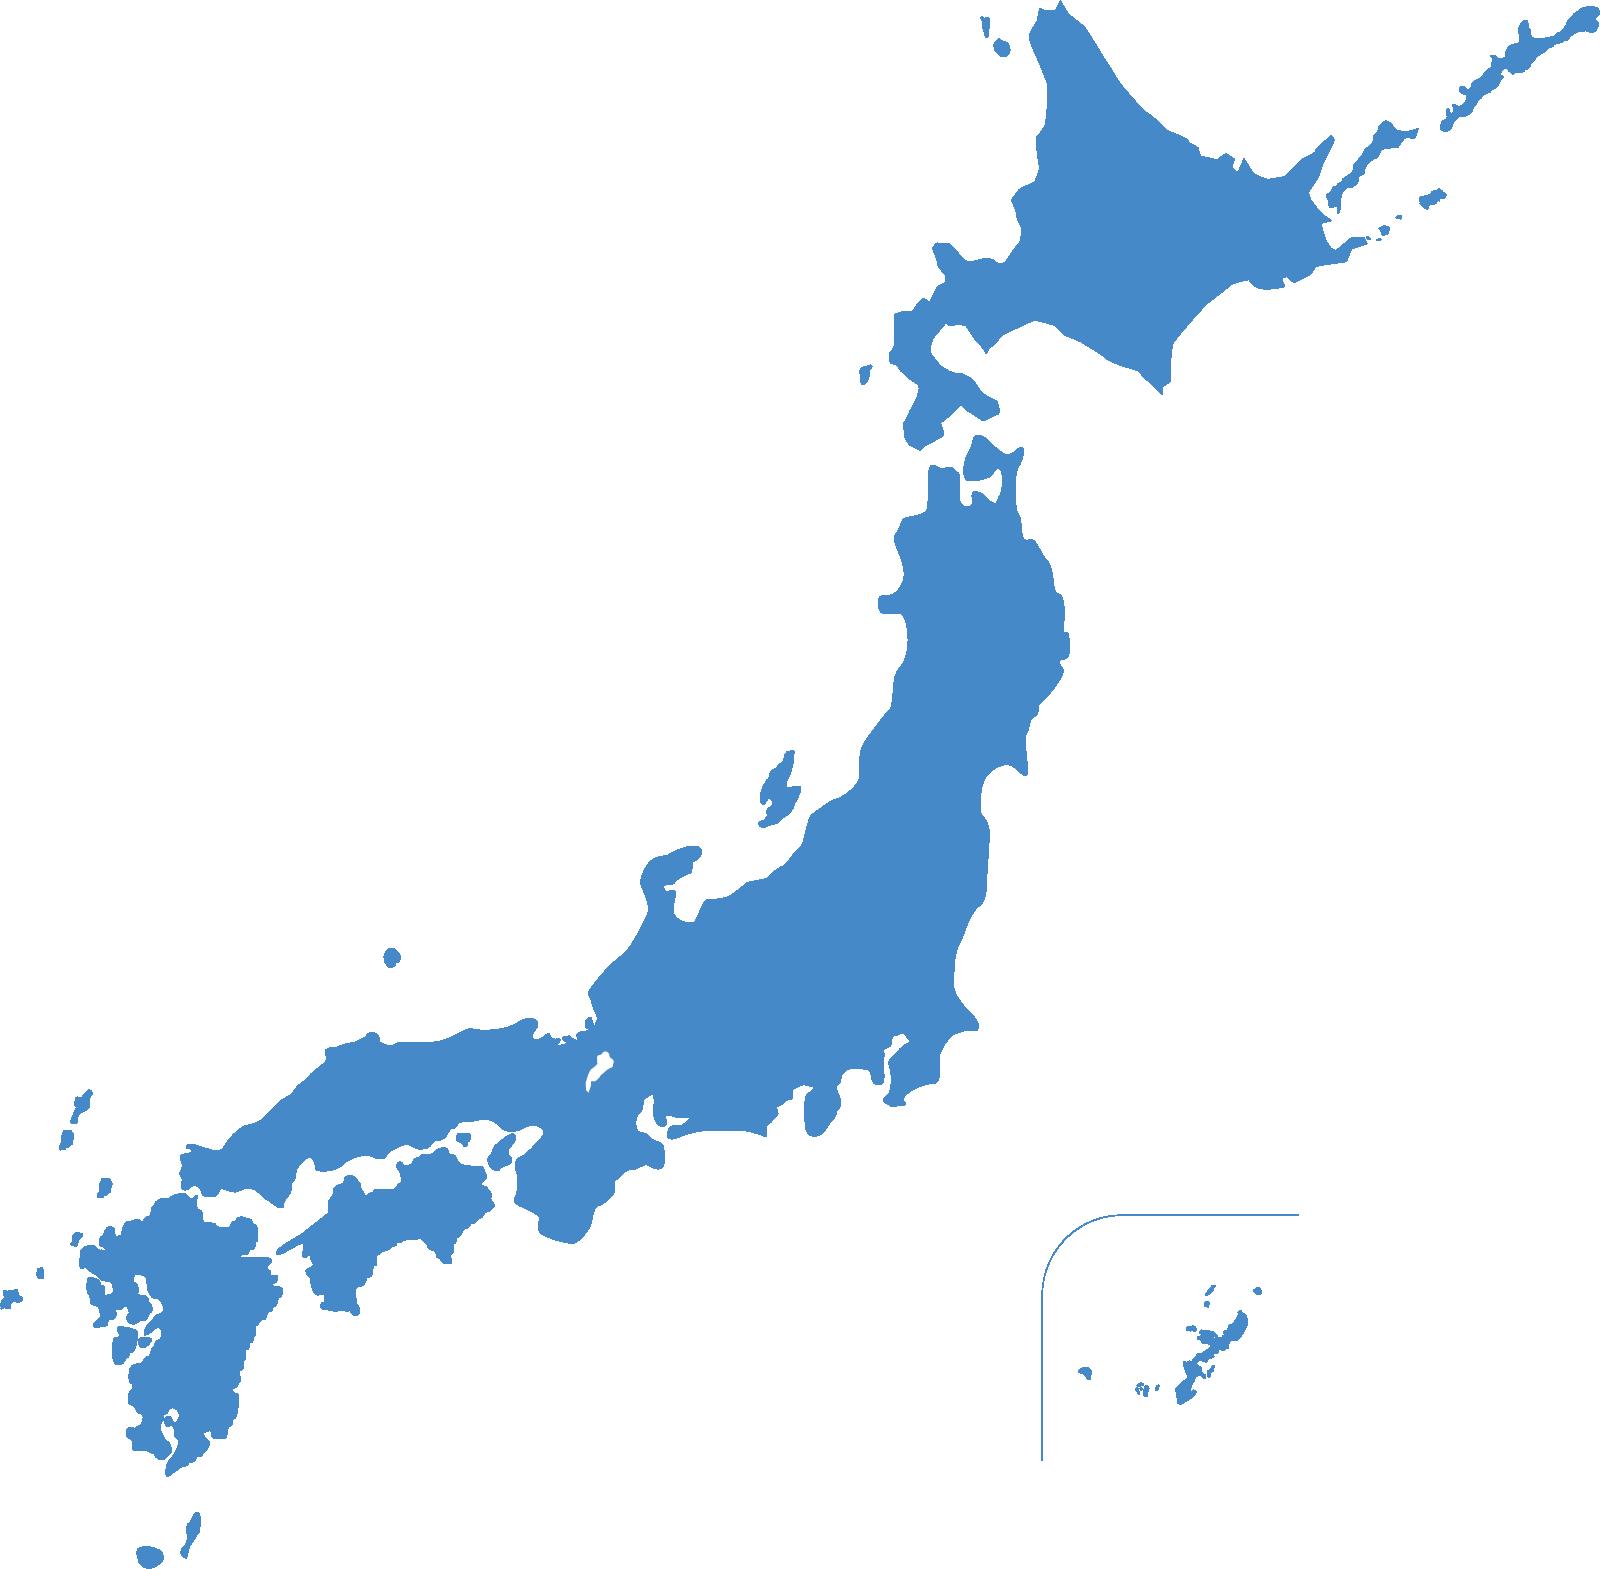 水色の日本地図のイラスト(県境無し)